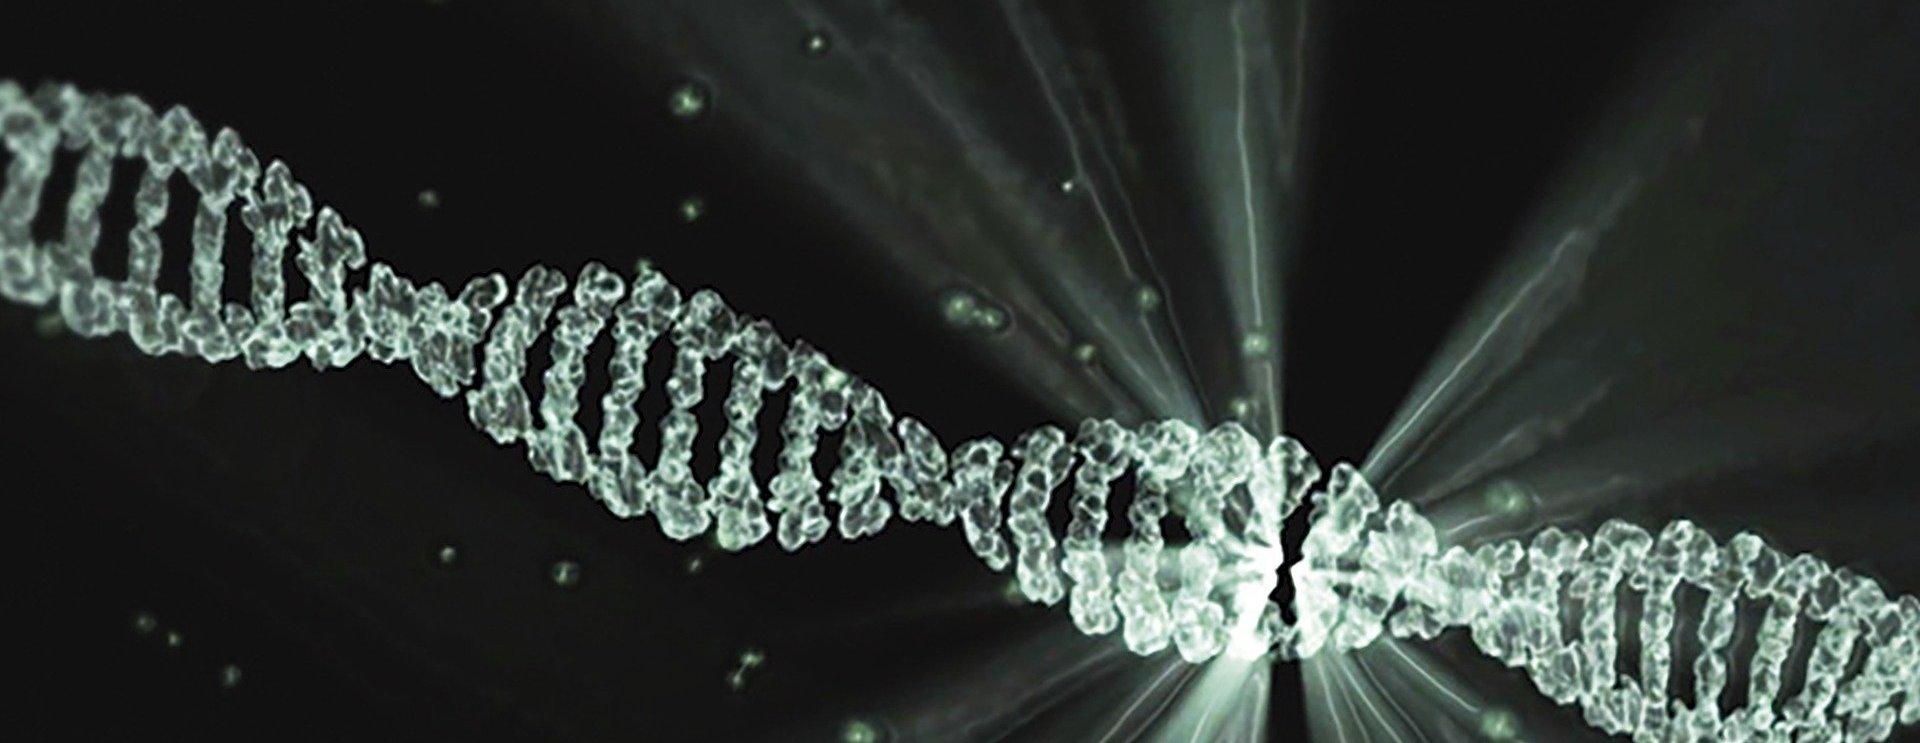 Впервые геном расшифровали на российском оборудовании